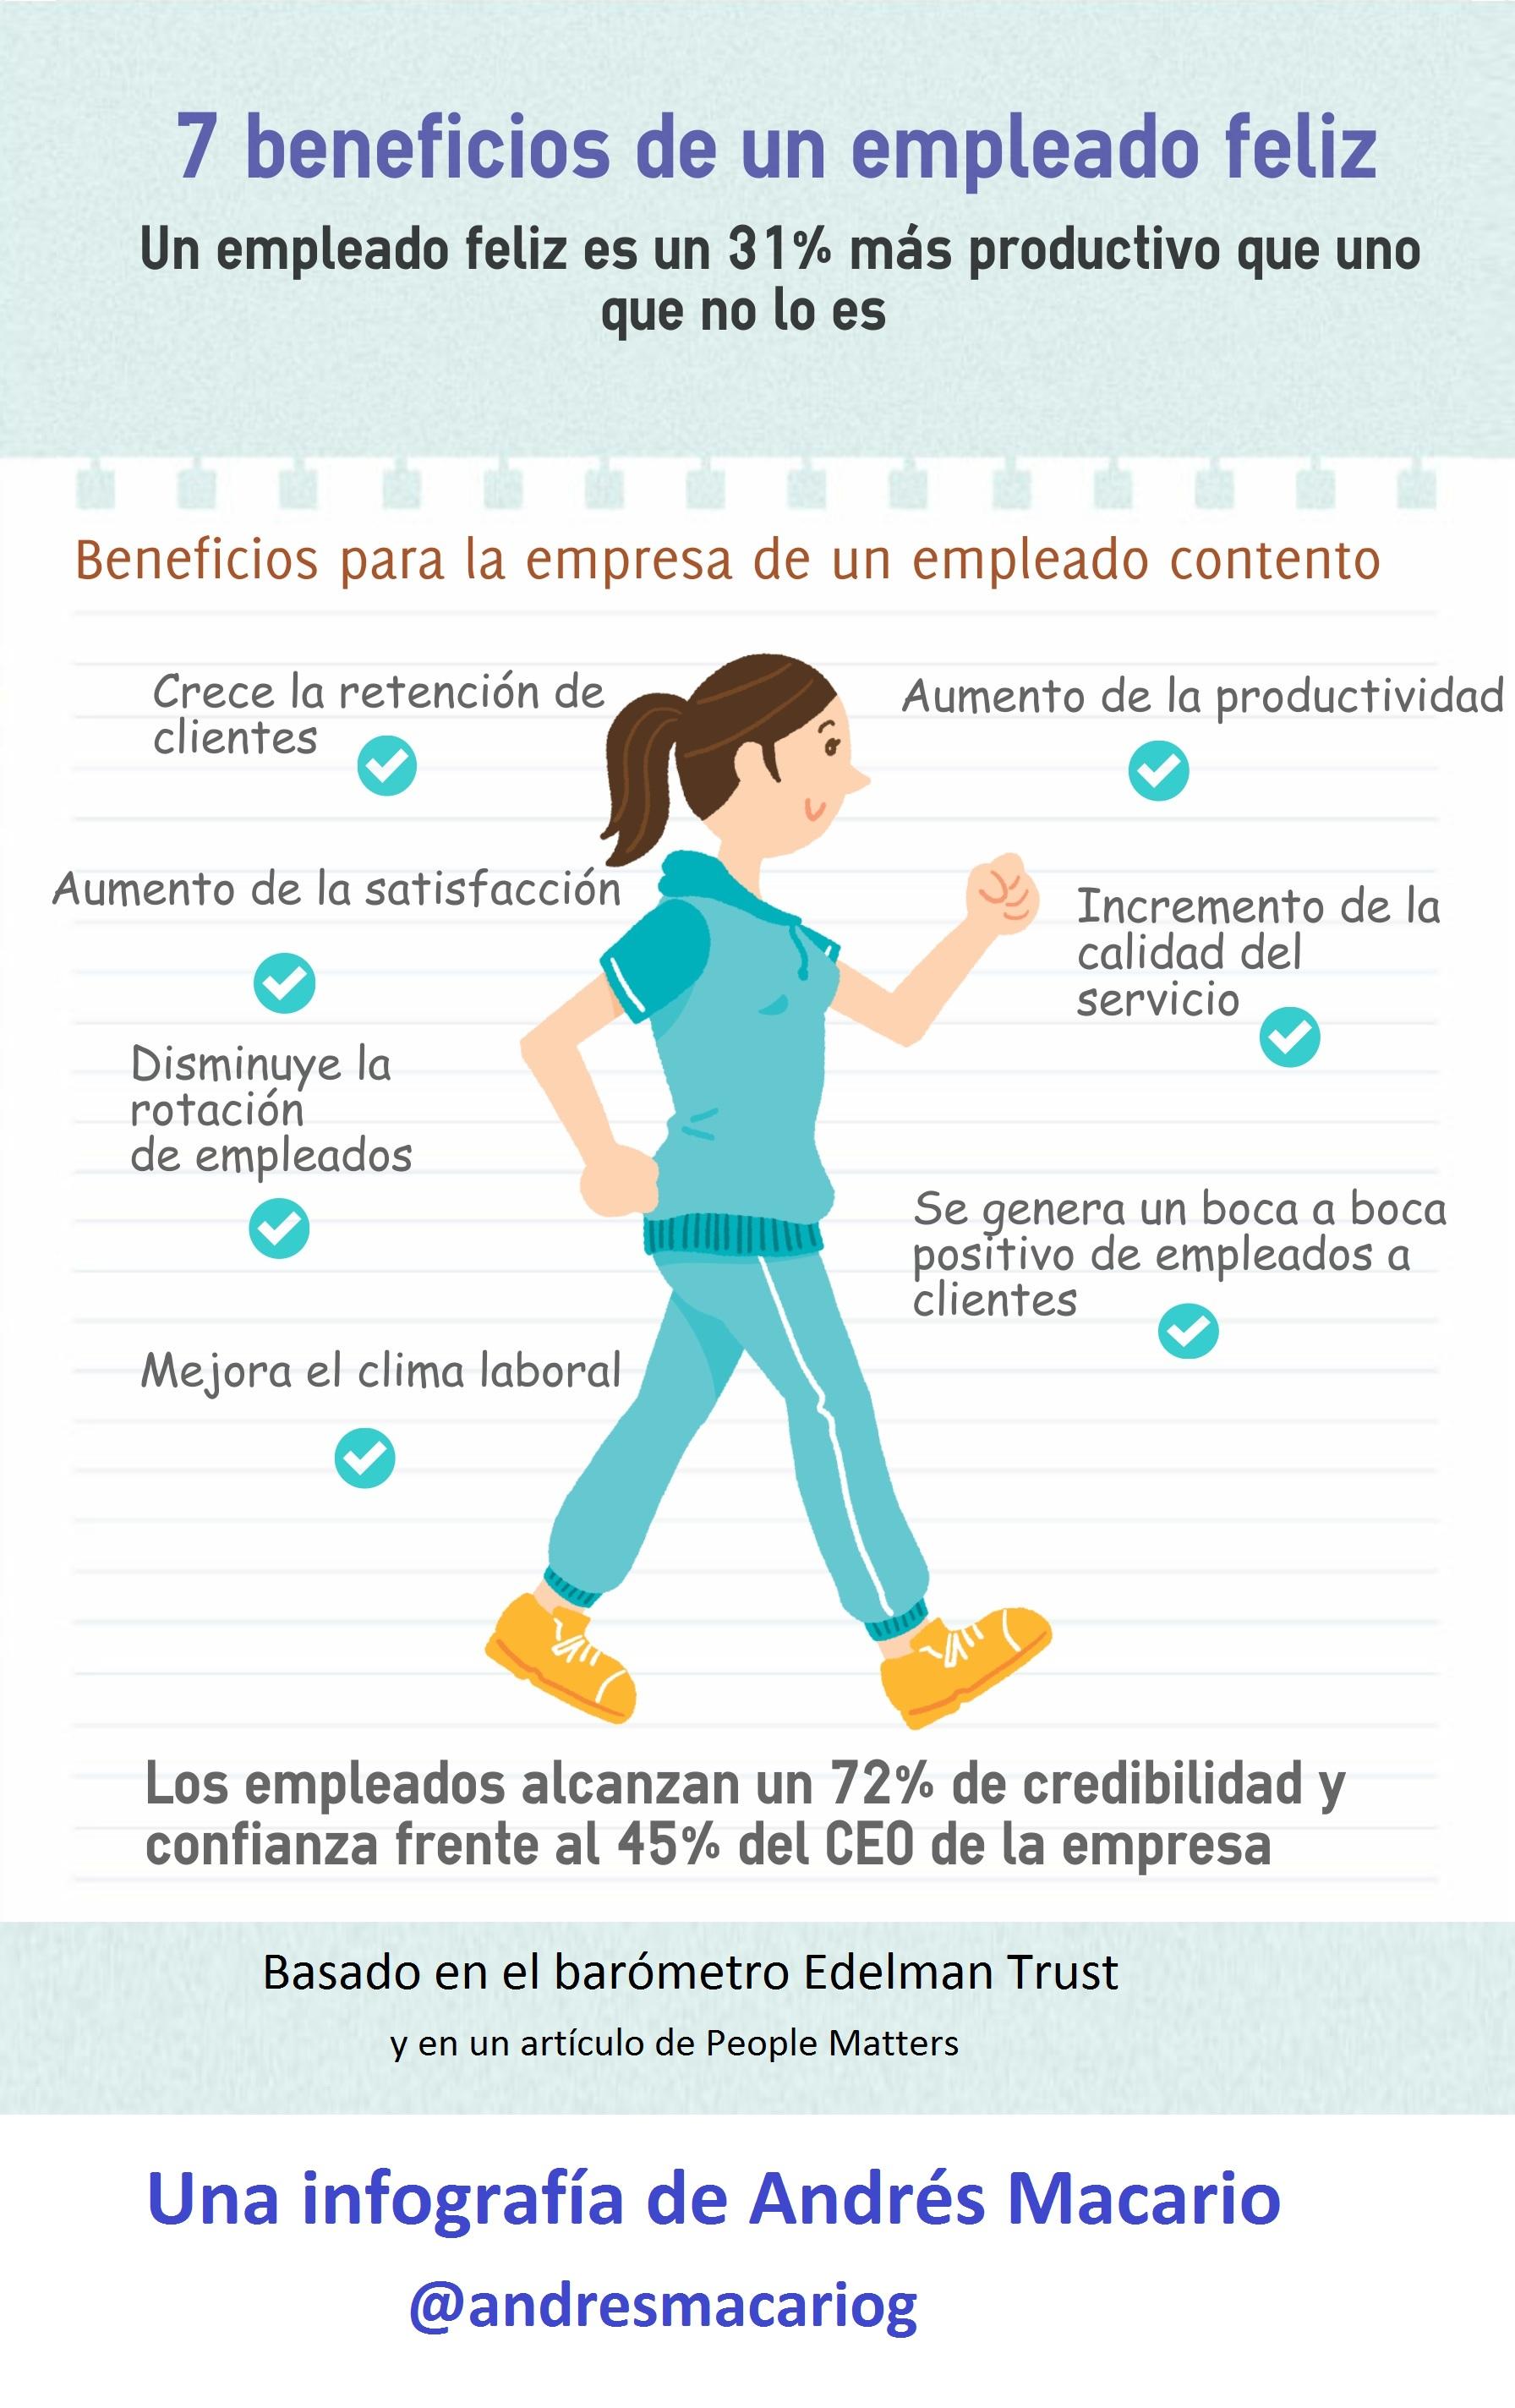 7 beneficios de un empleado feliz - Infografia de Andres Macario